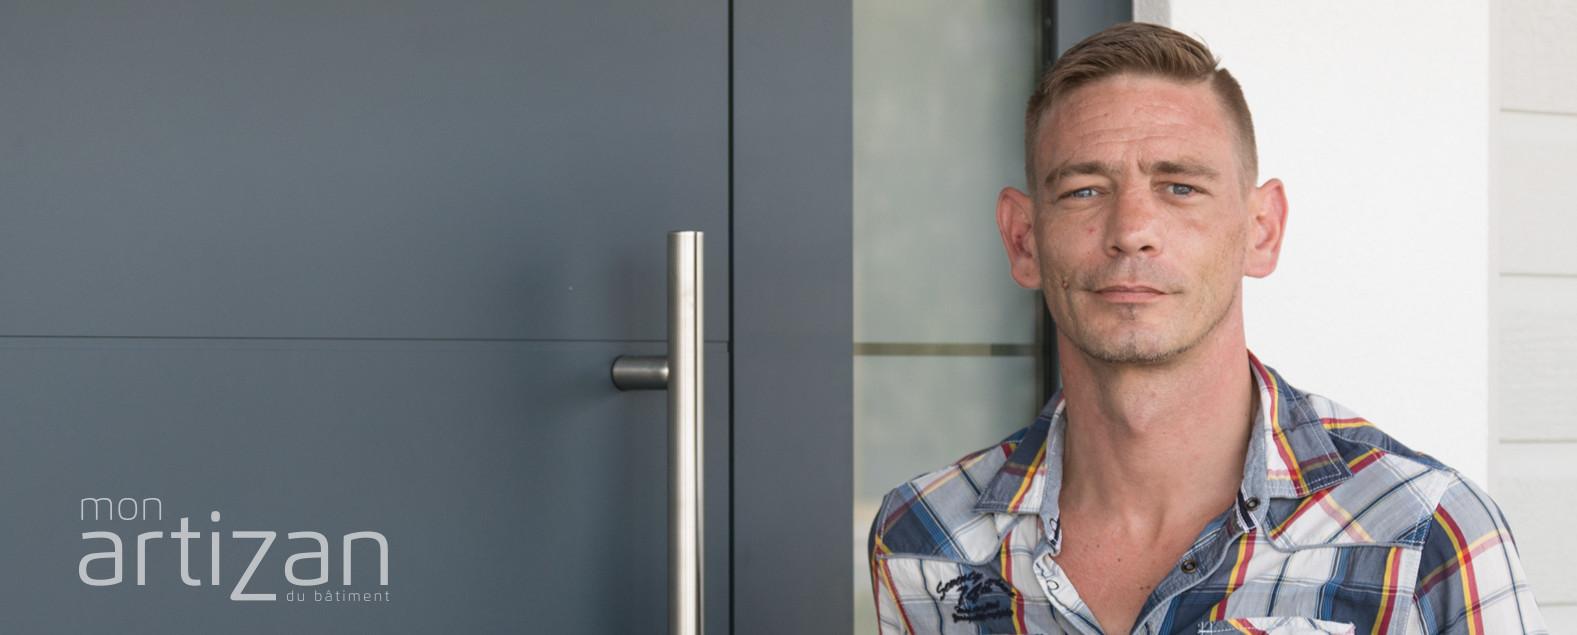 La menuiserie extérieure de la maison : Arnaud Chapuis, Moyse 3D